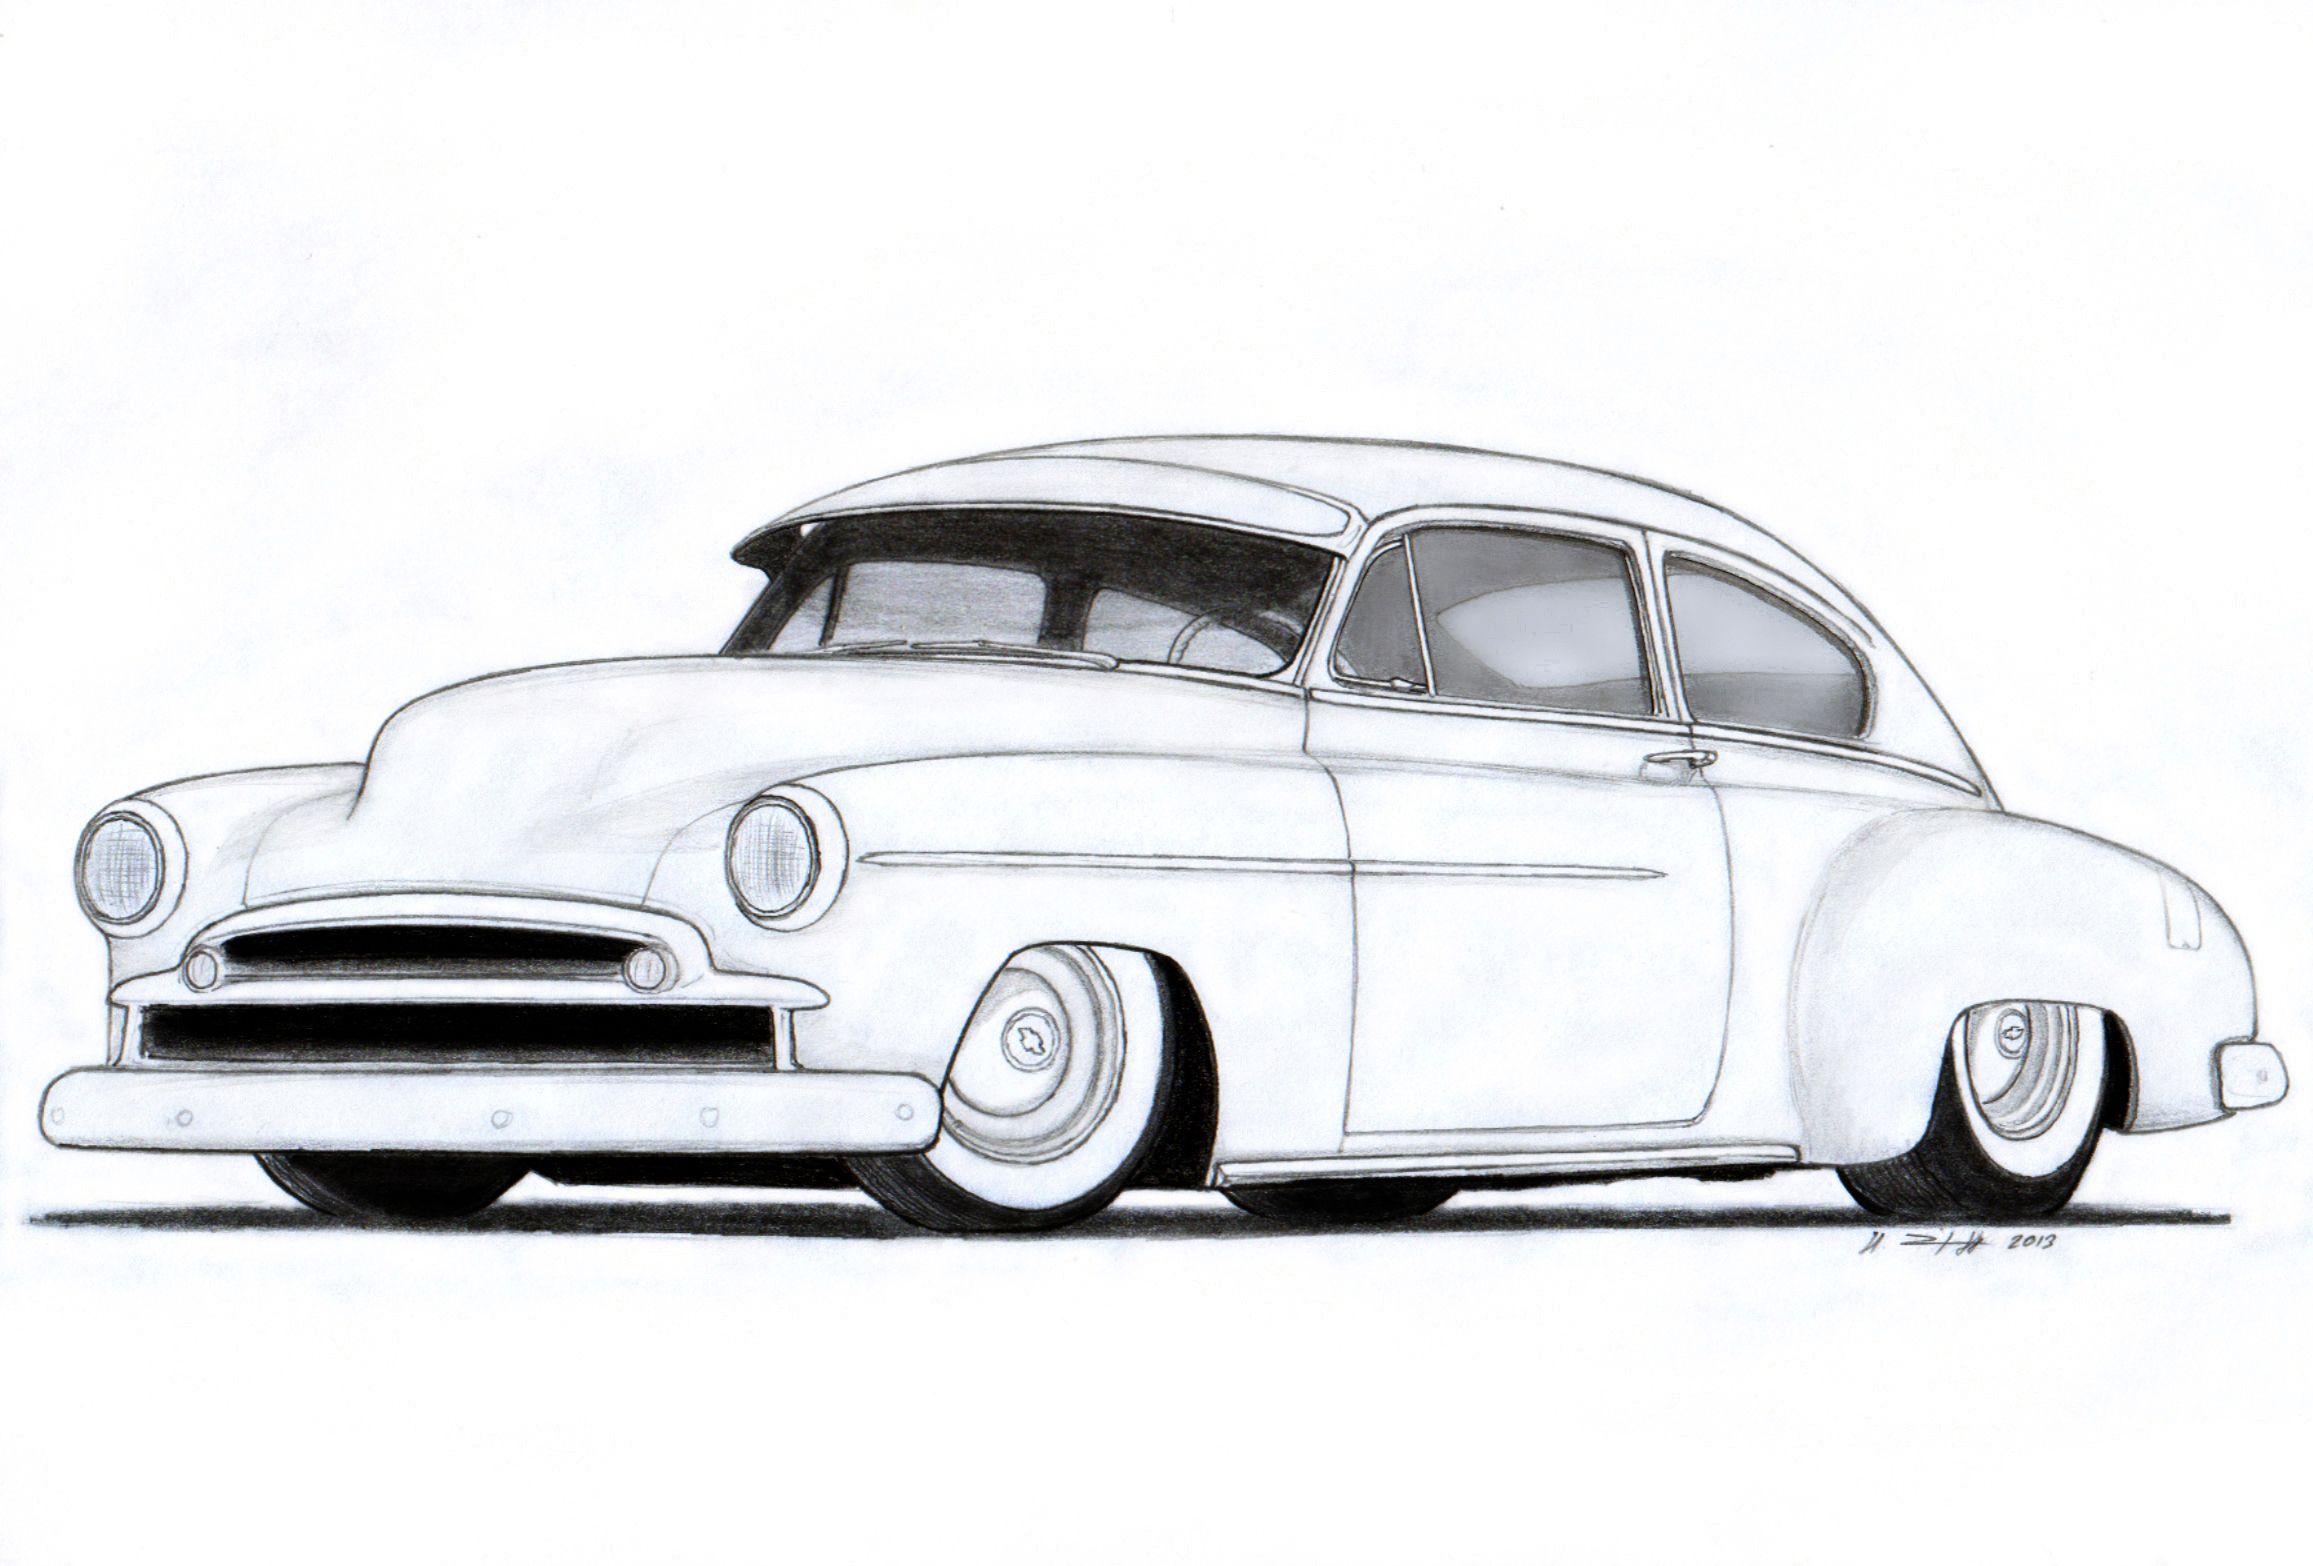 Vintage car line drawings 14